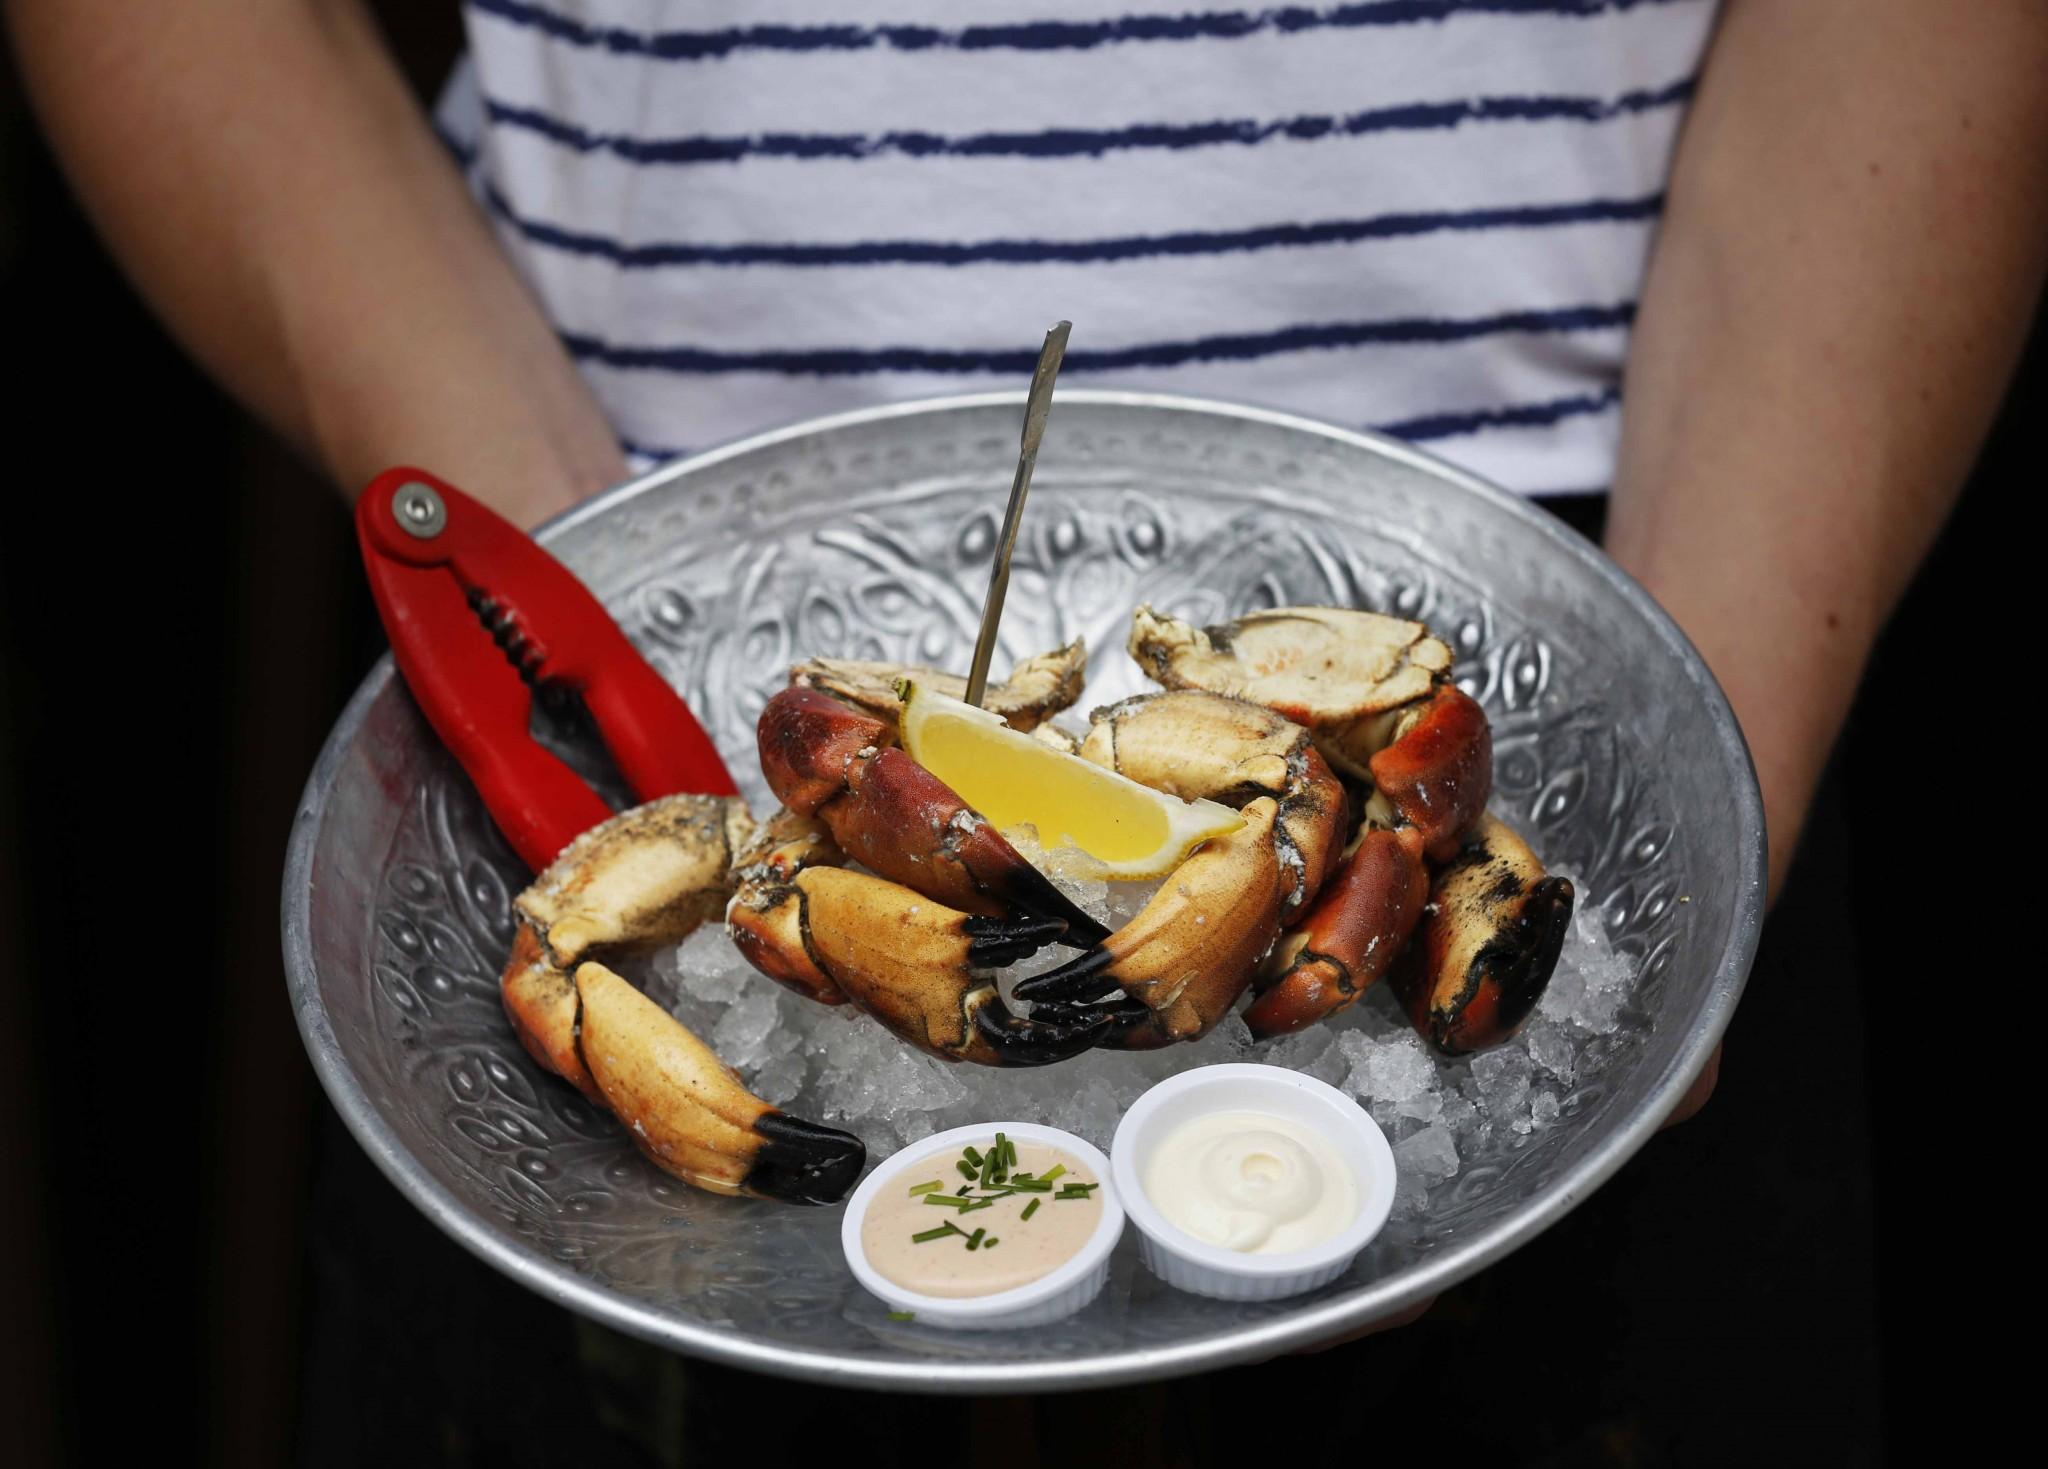 A fish dish at Klaw